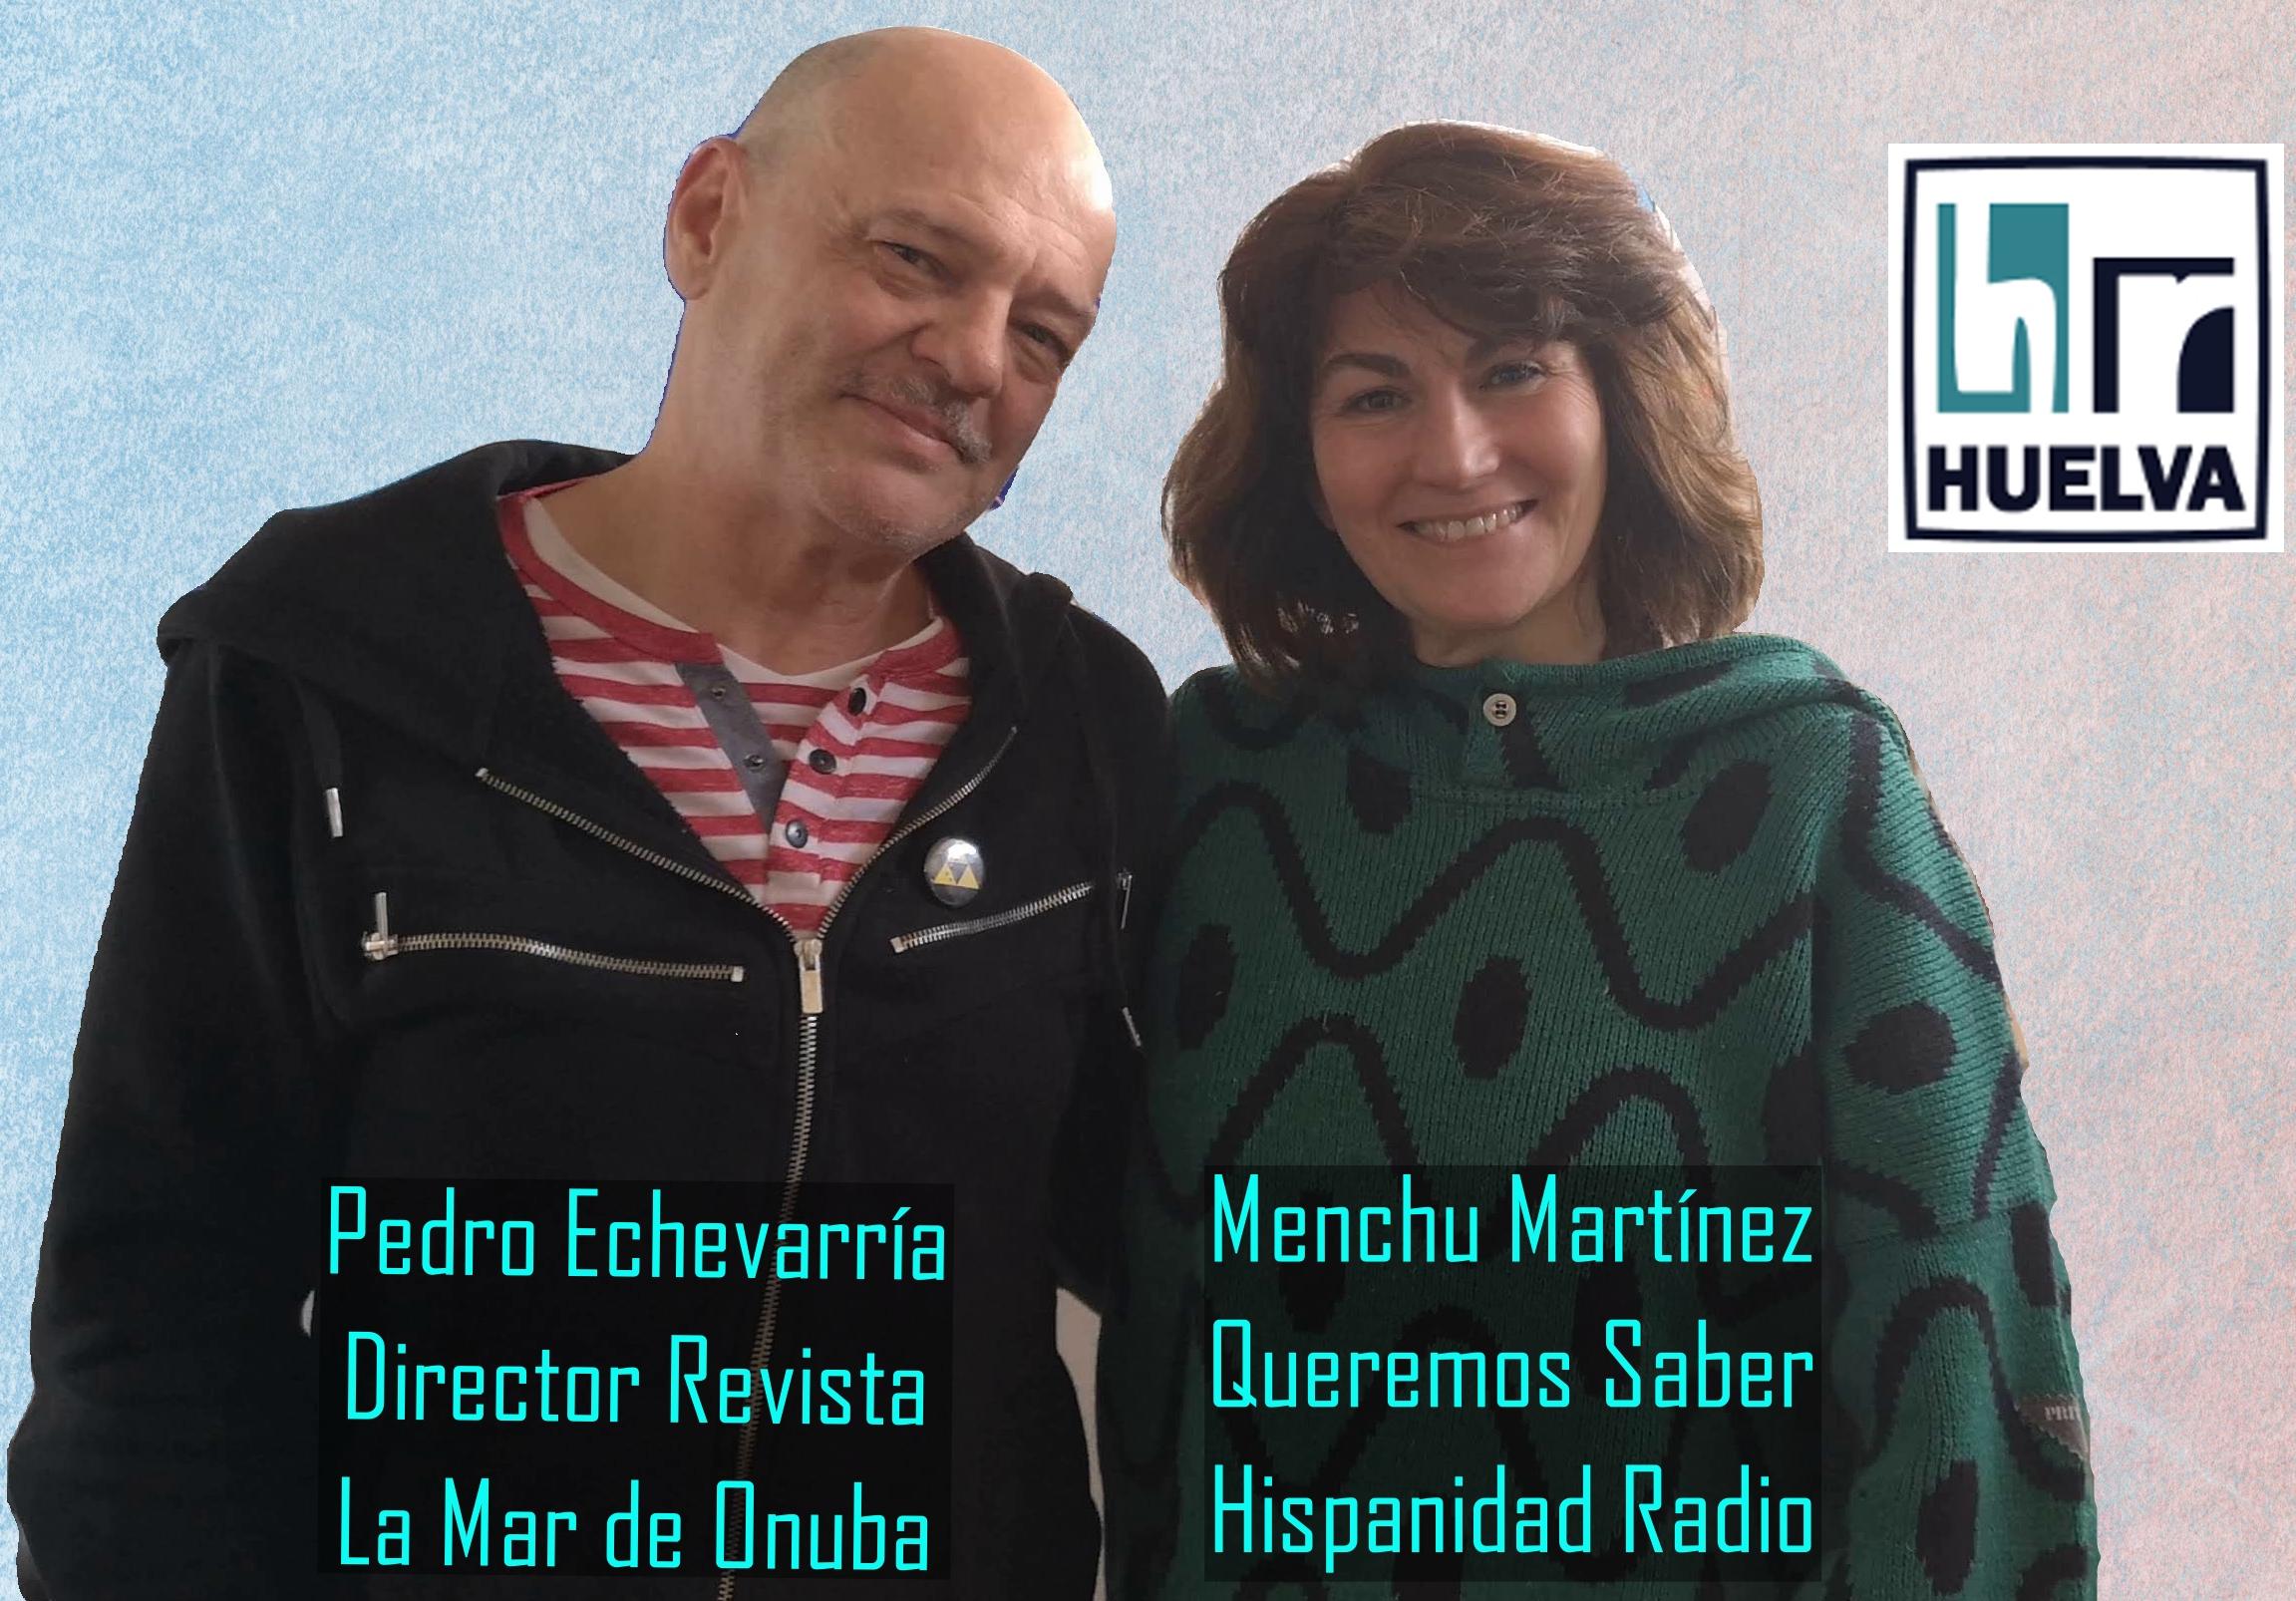 Queremos Saber 01-07-2020 Pedro Echevarría, Revista Digital La Mar de Onuba